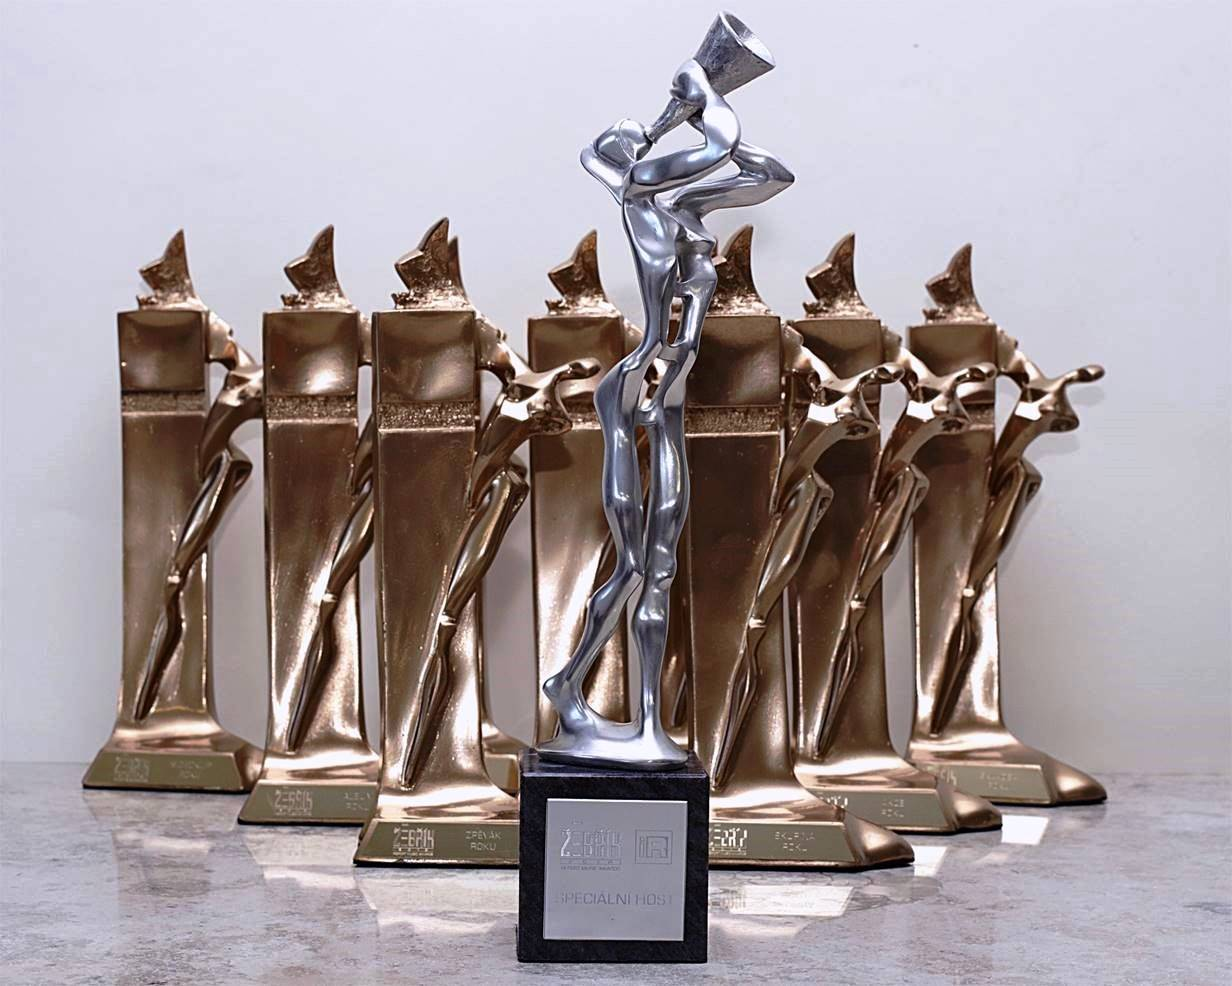 Hudební ceny Žebřík odstartovaly! Výsledky ankety budou vyhlášeny 13. března v Plzni